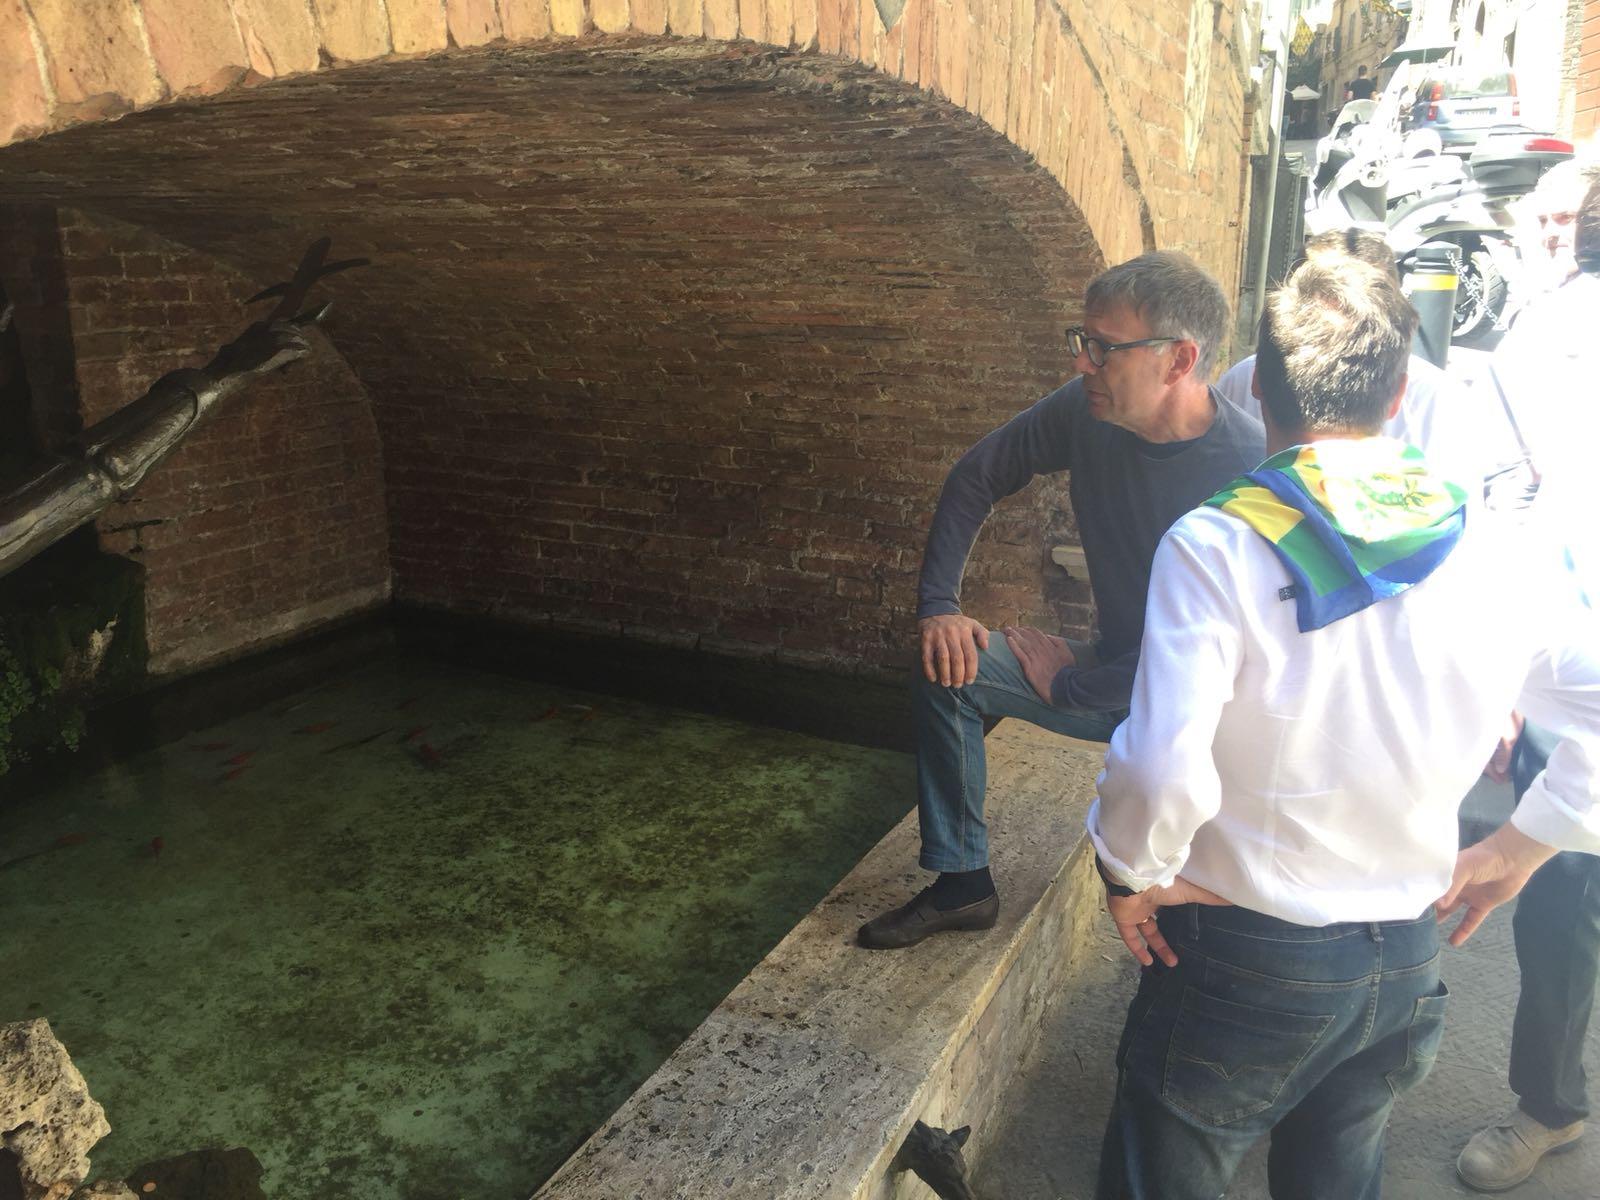 Atto vandalico alla fontanina del Bruco, anche il Comune ha sporto denuncia